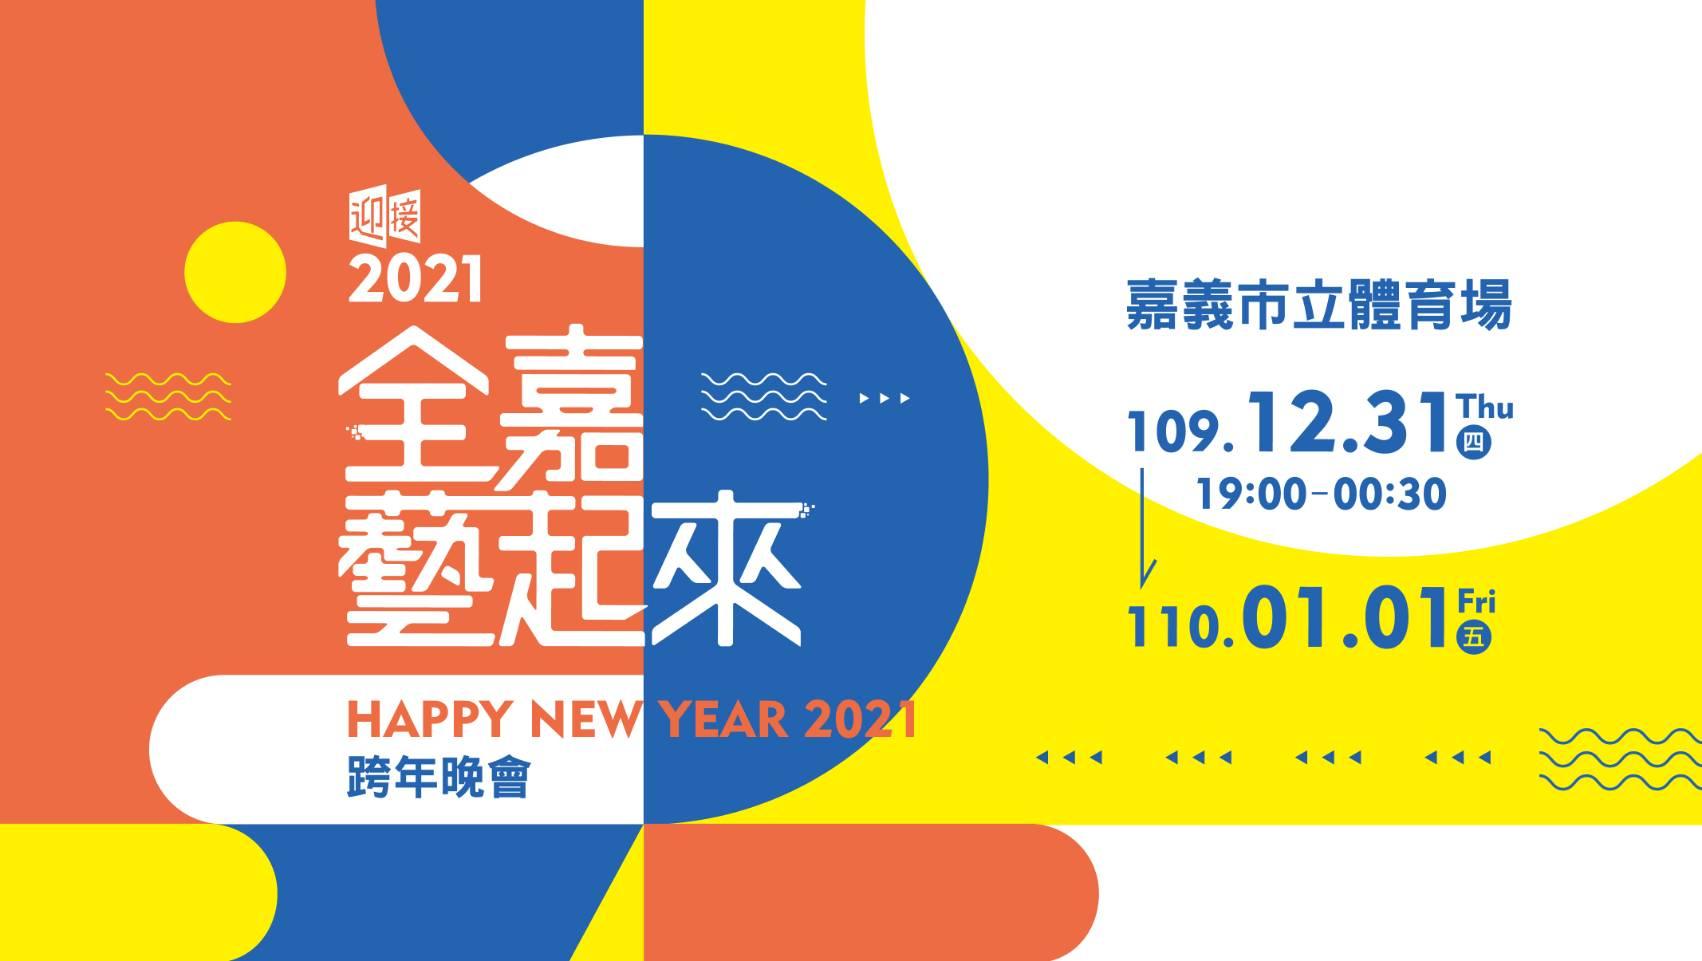 2021嘉義跨年晚會:迎接2021全嘉藝起來跨年晚會